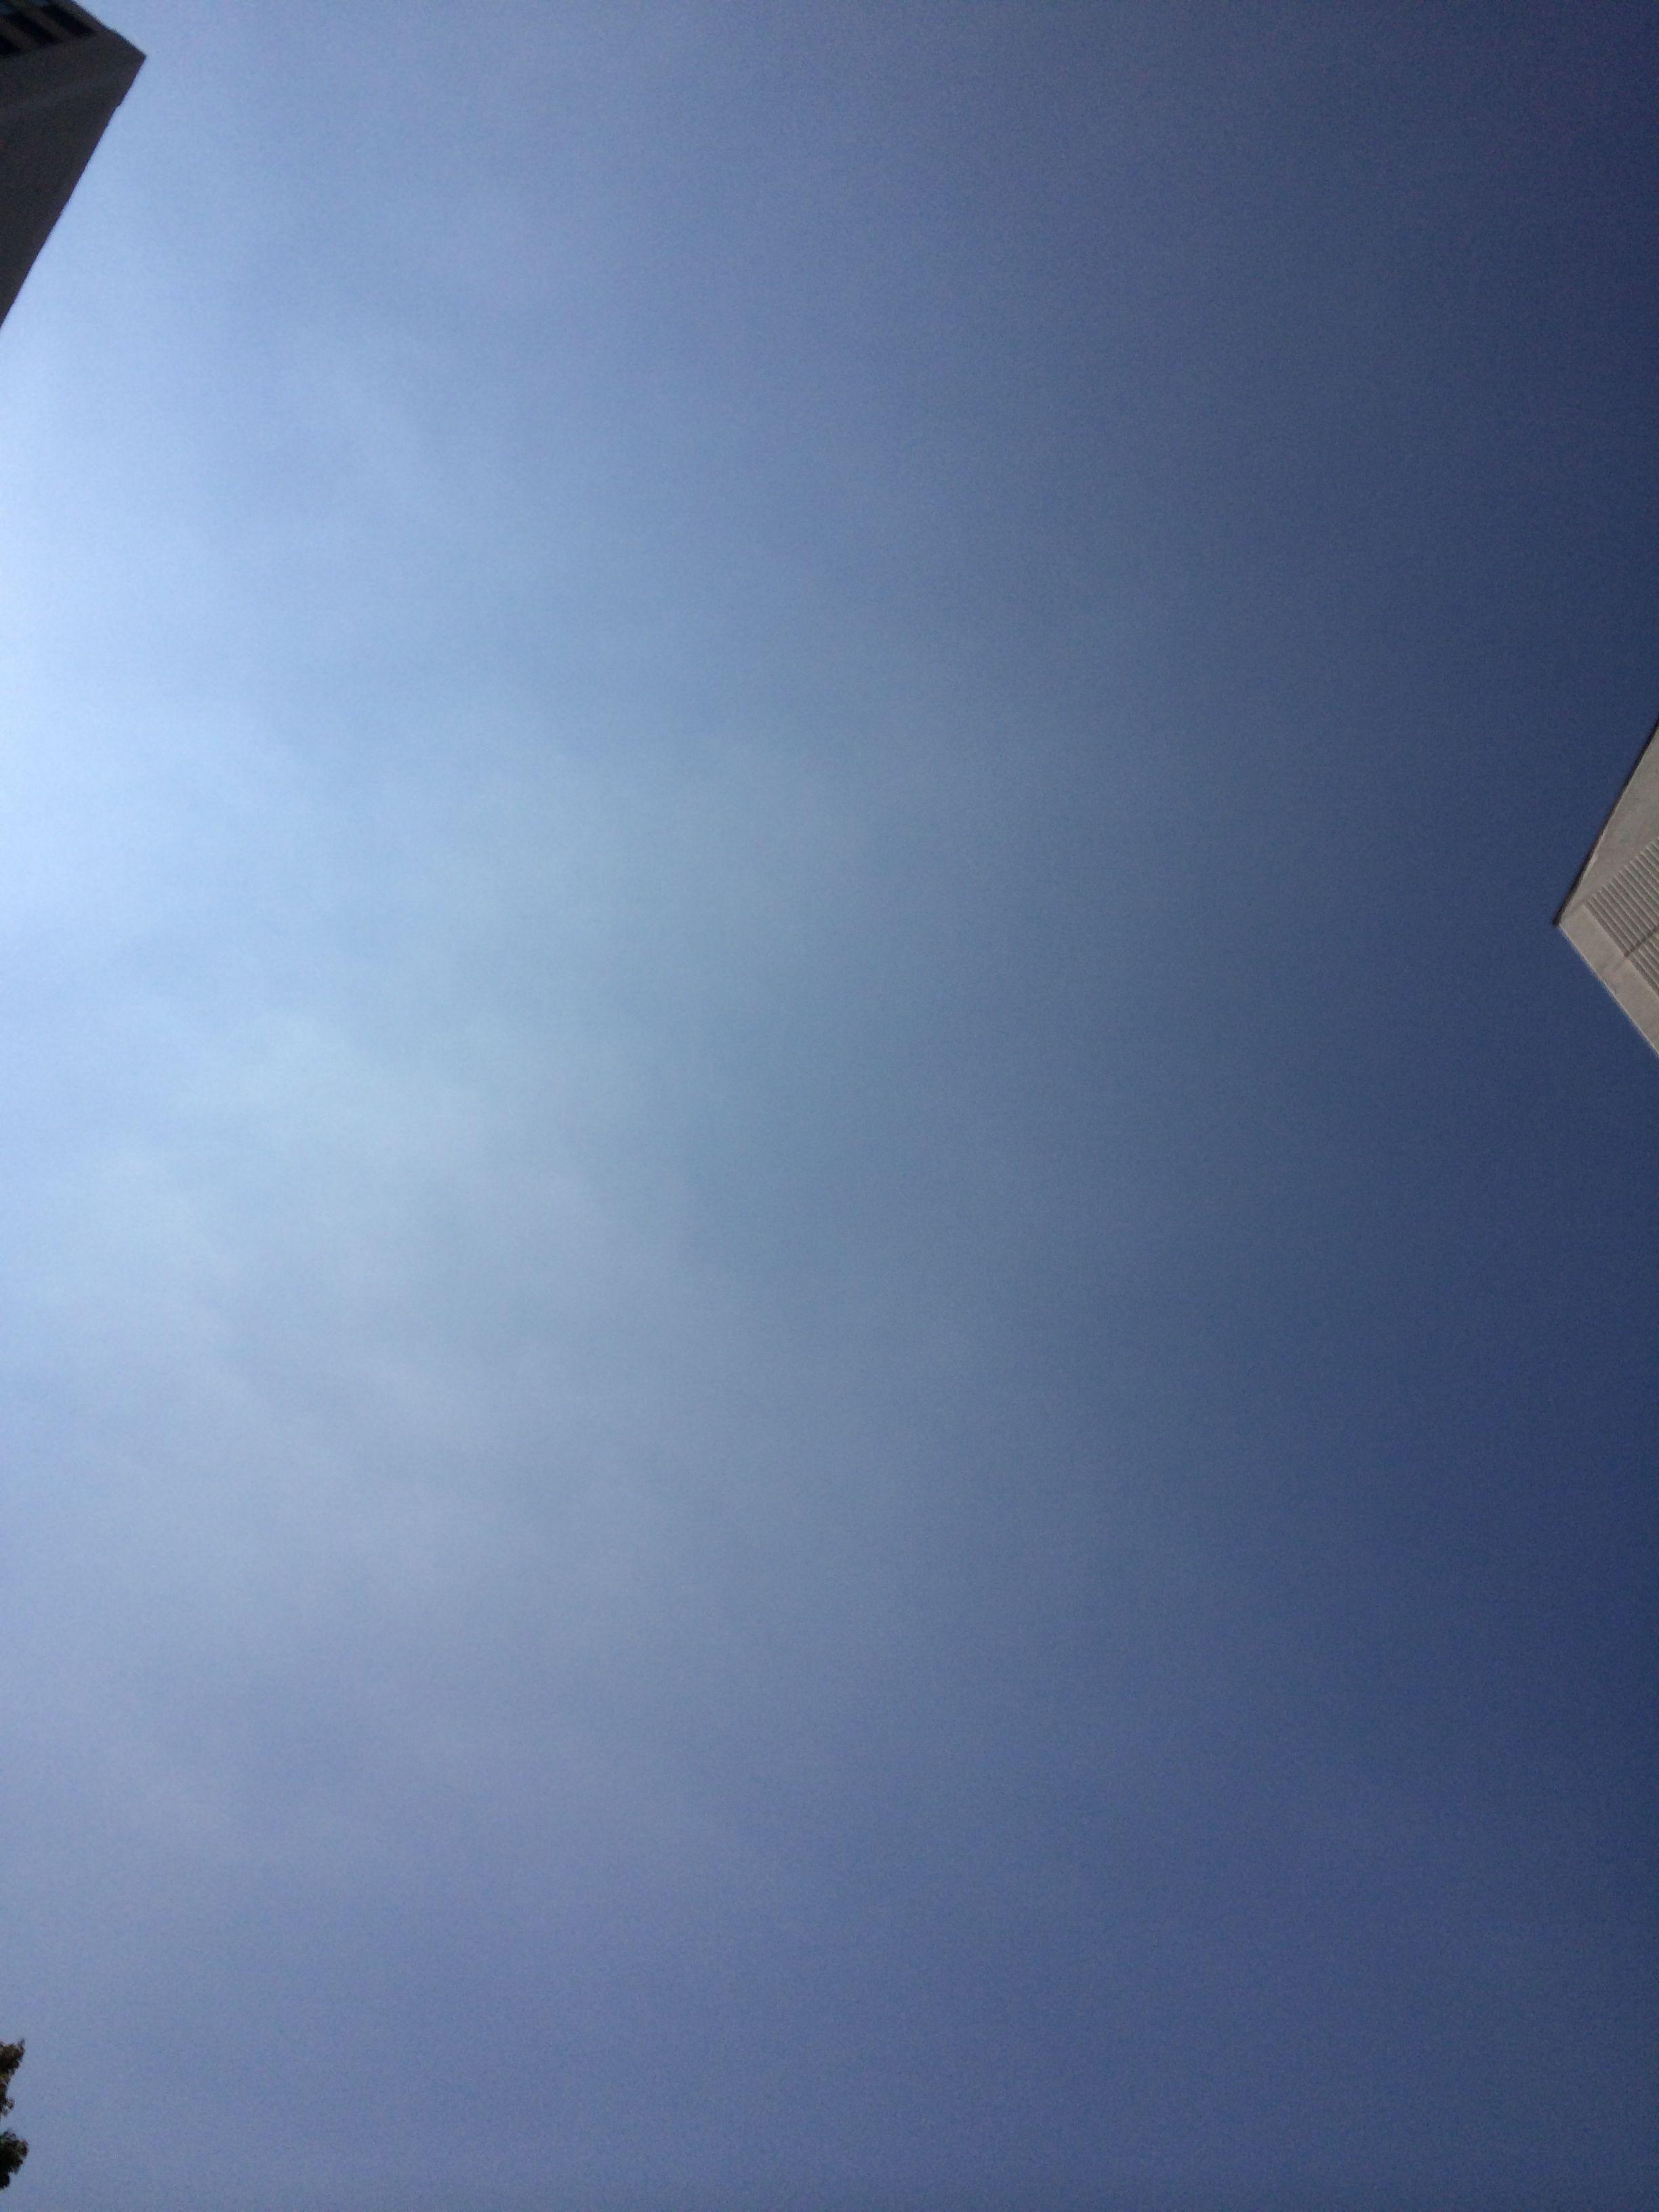 2014년 9월 5일의 하늘